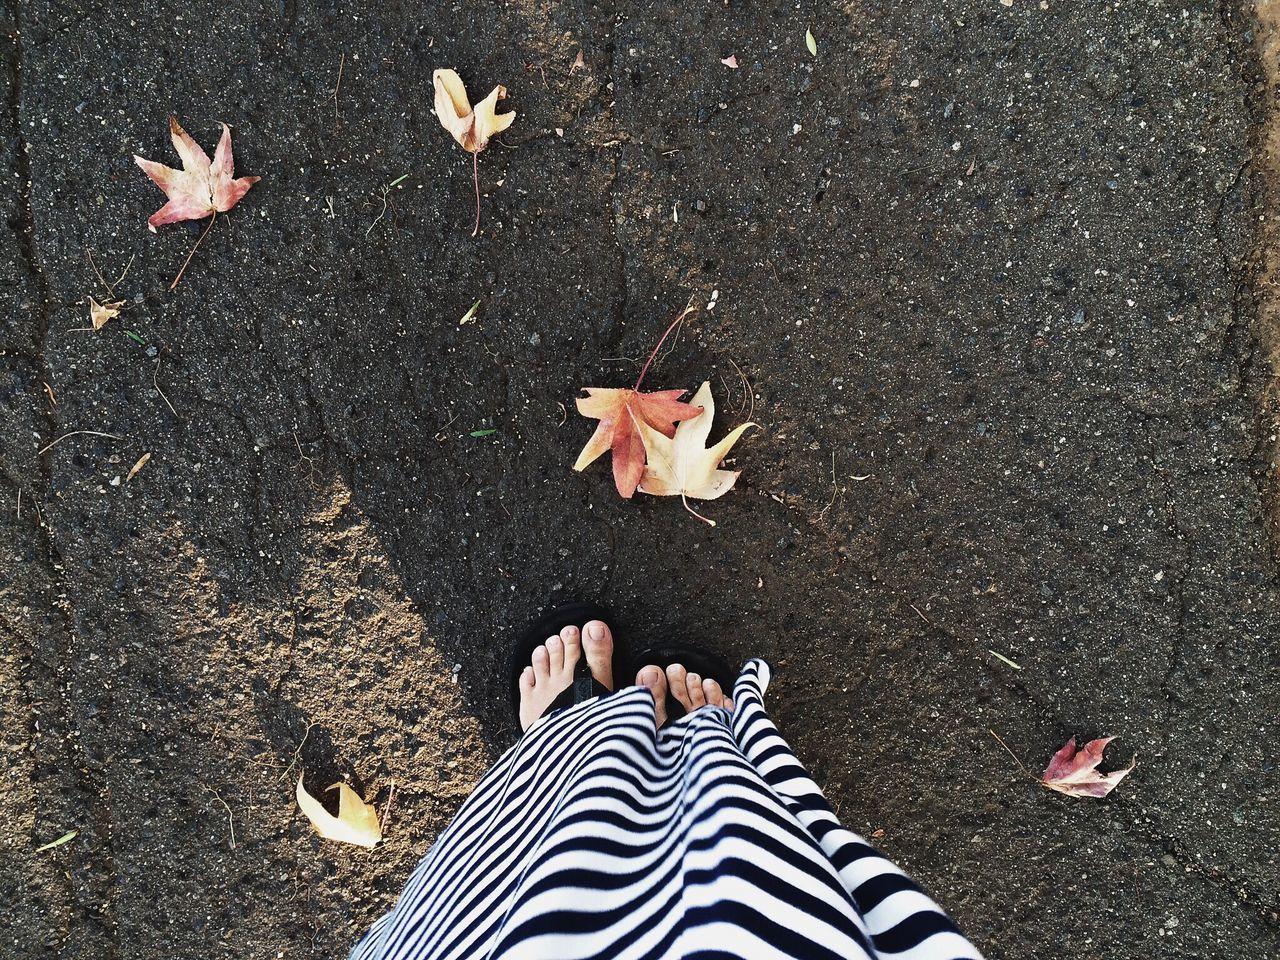 Fall in SoCal